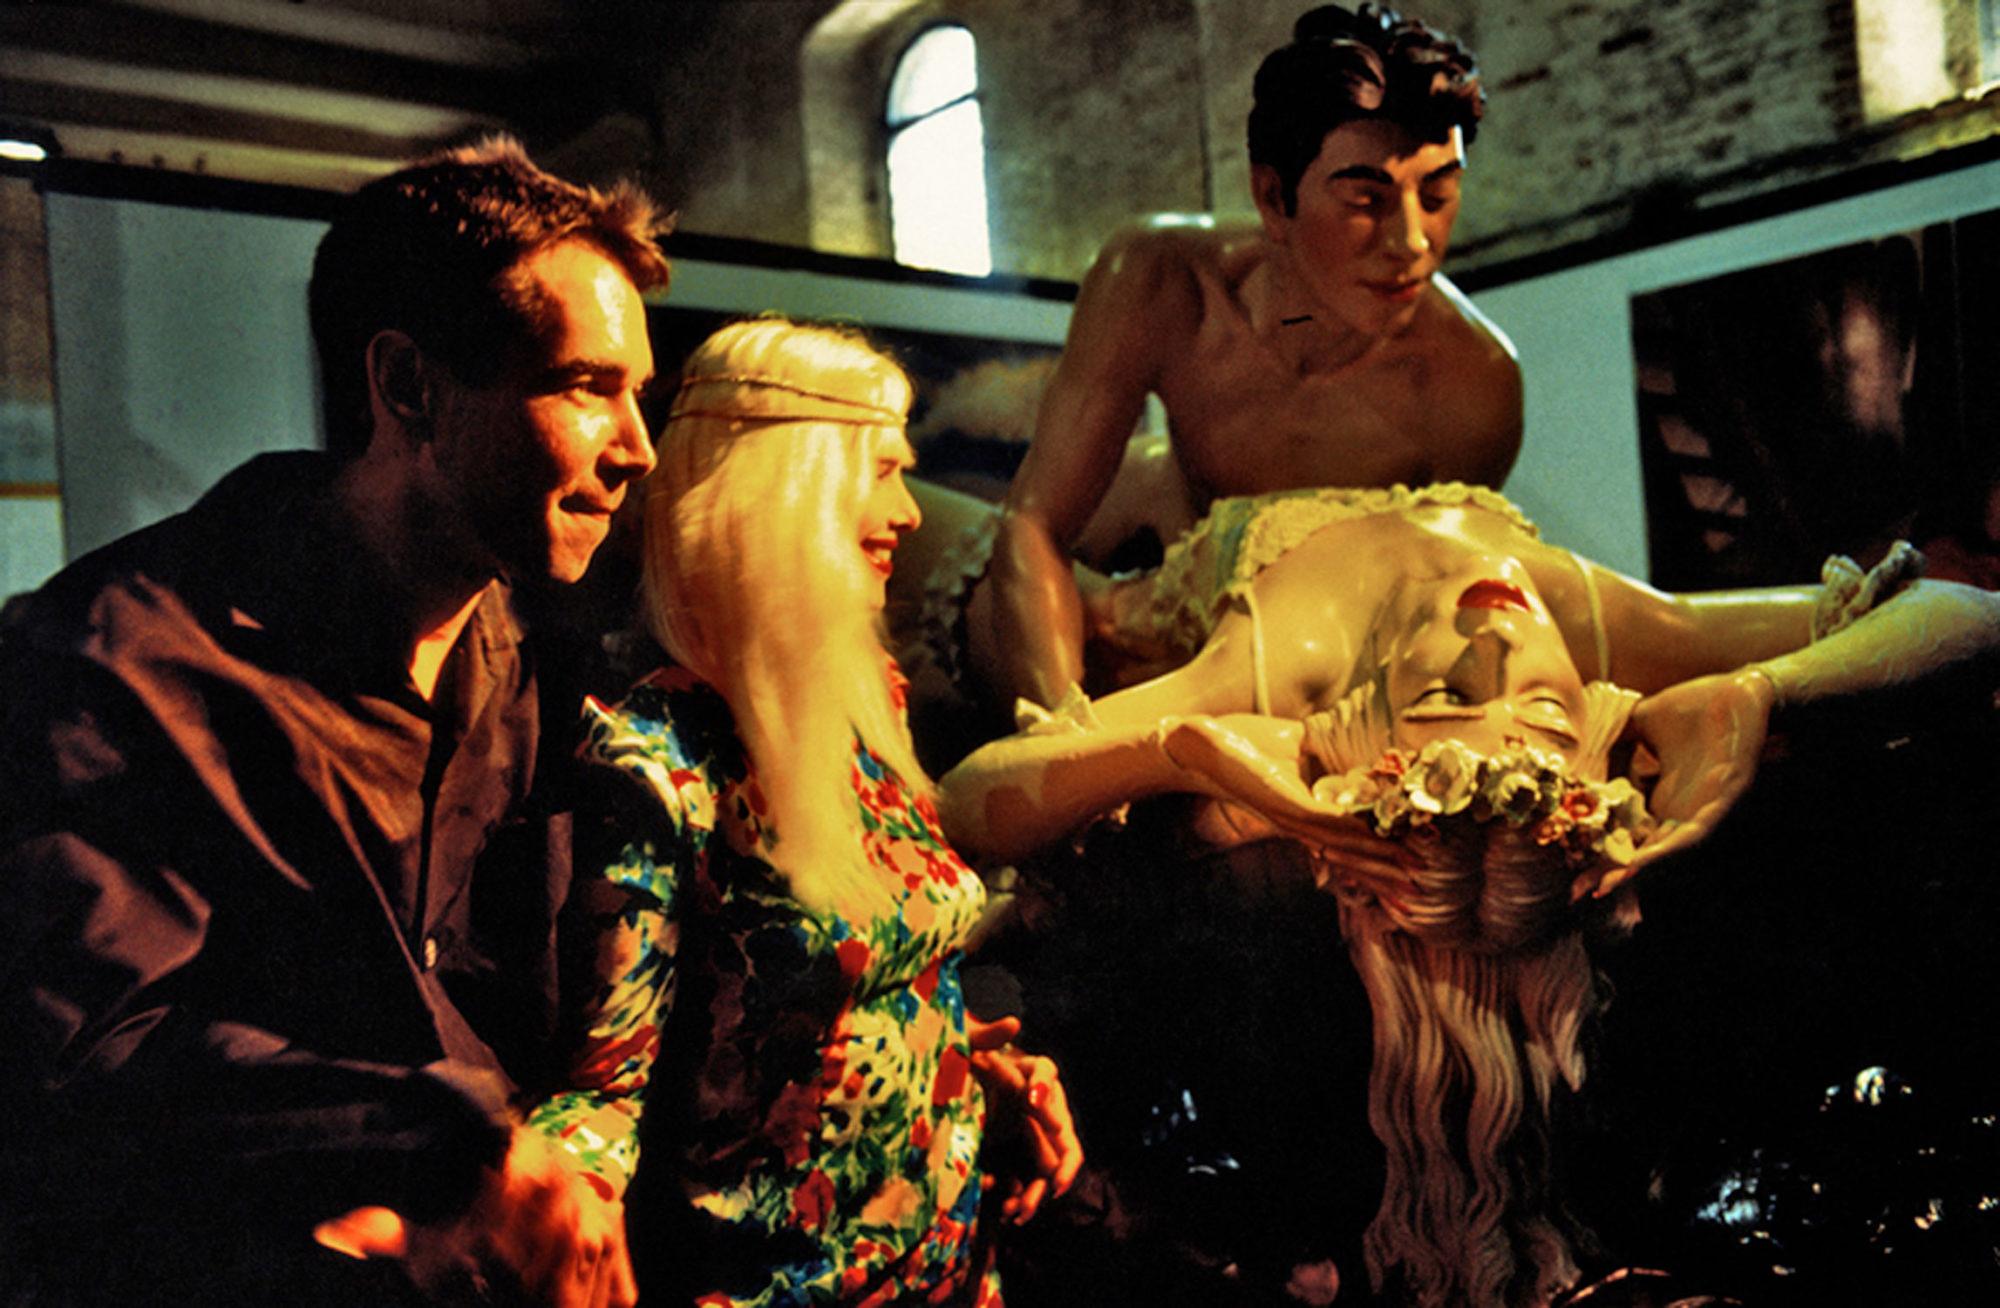 Ilona Staller e Jeff Koons alla biennale di Venezia davanti ad un opera che li ritrae